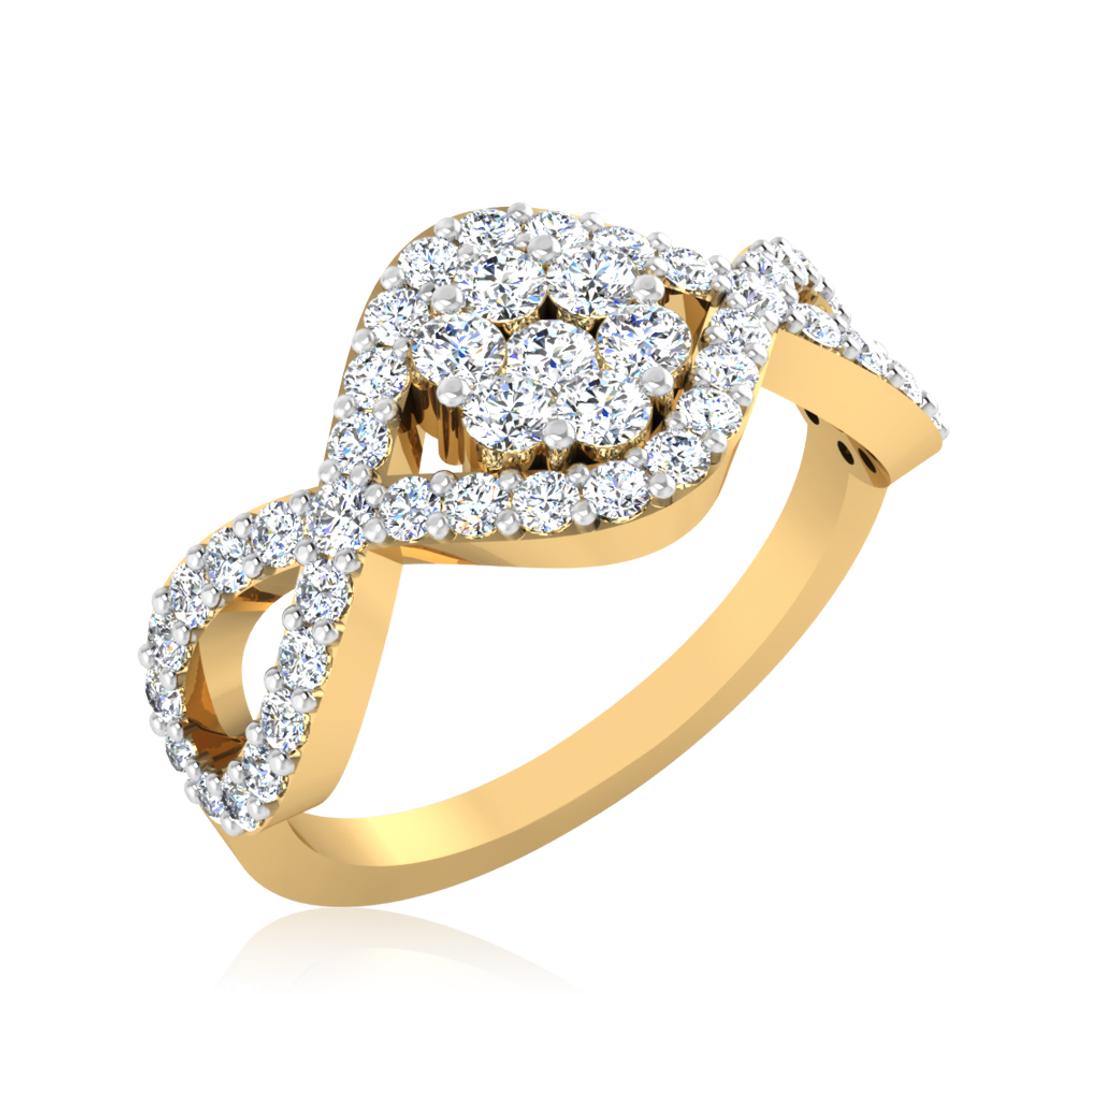 Iski Uski Enticing Floral Ring